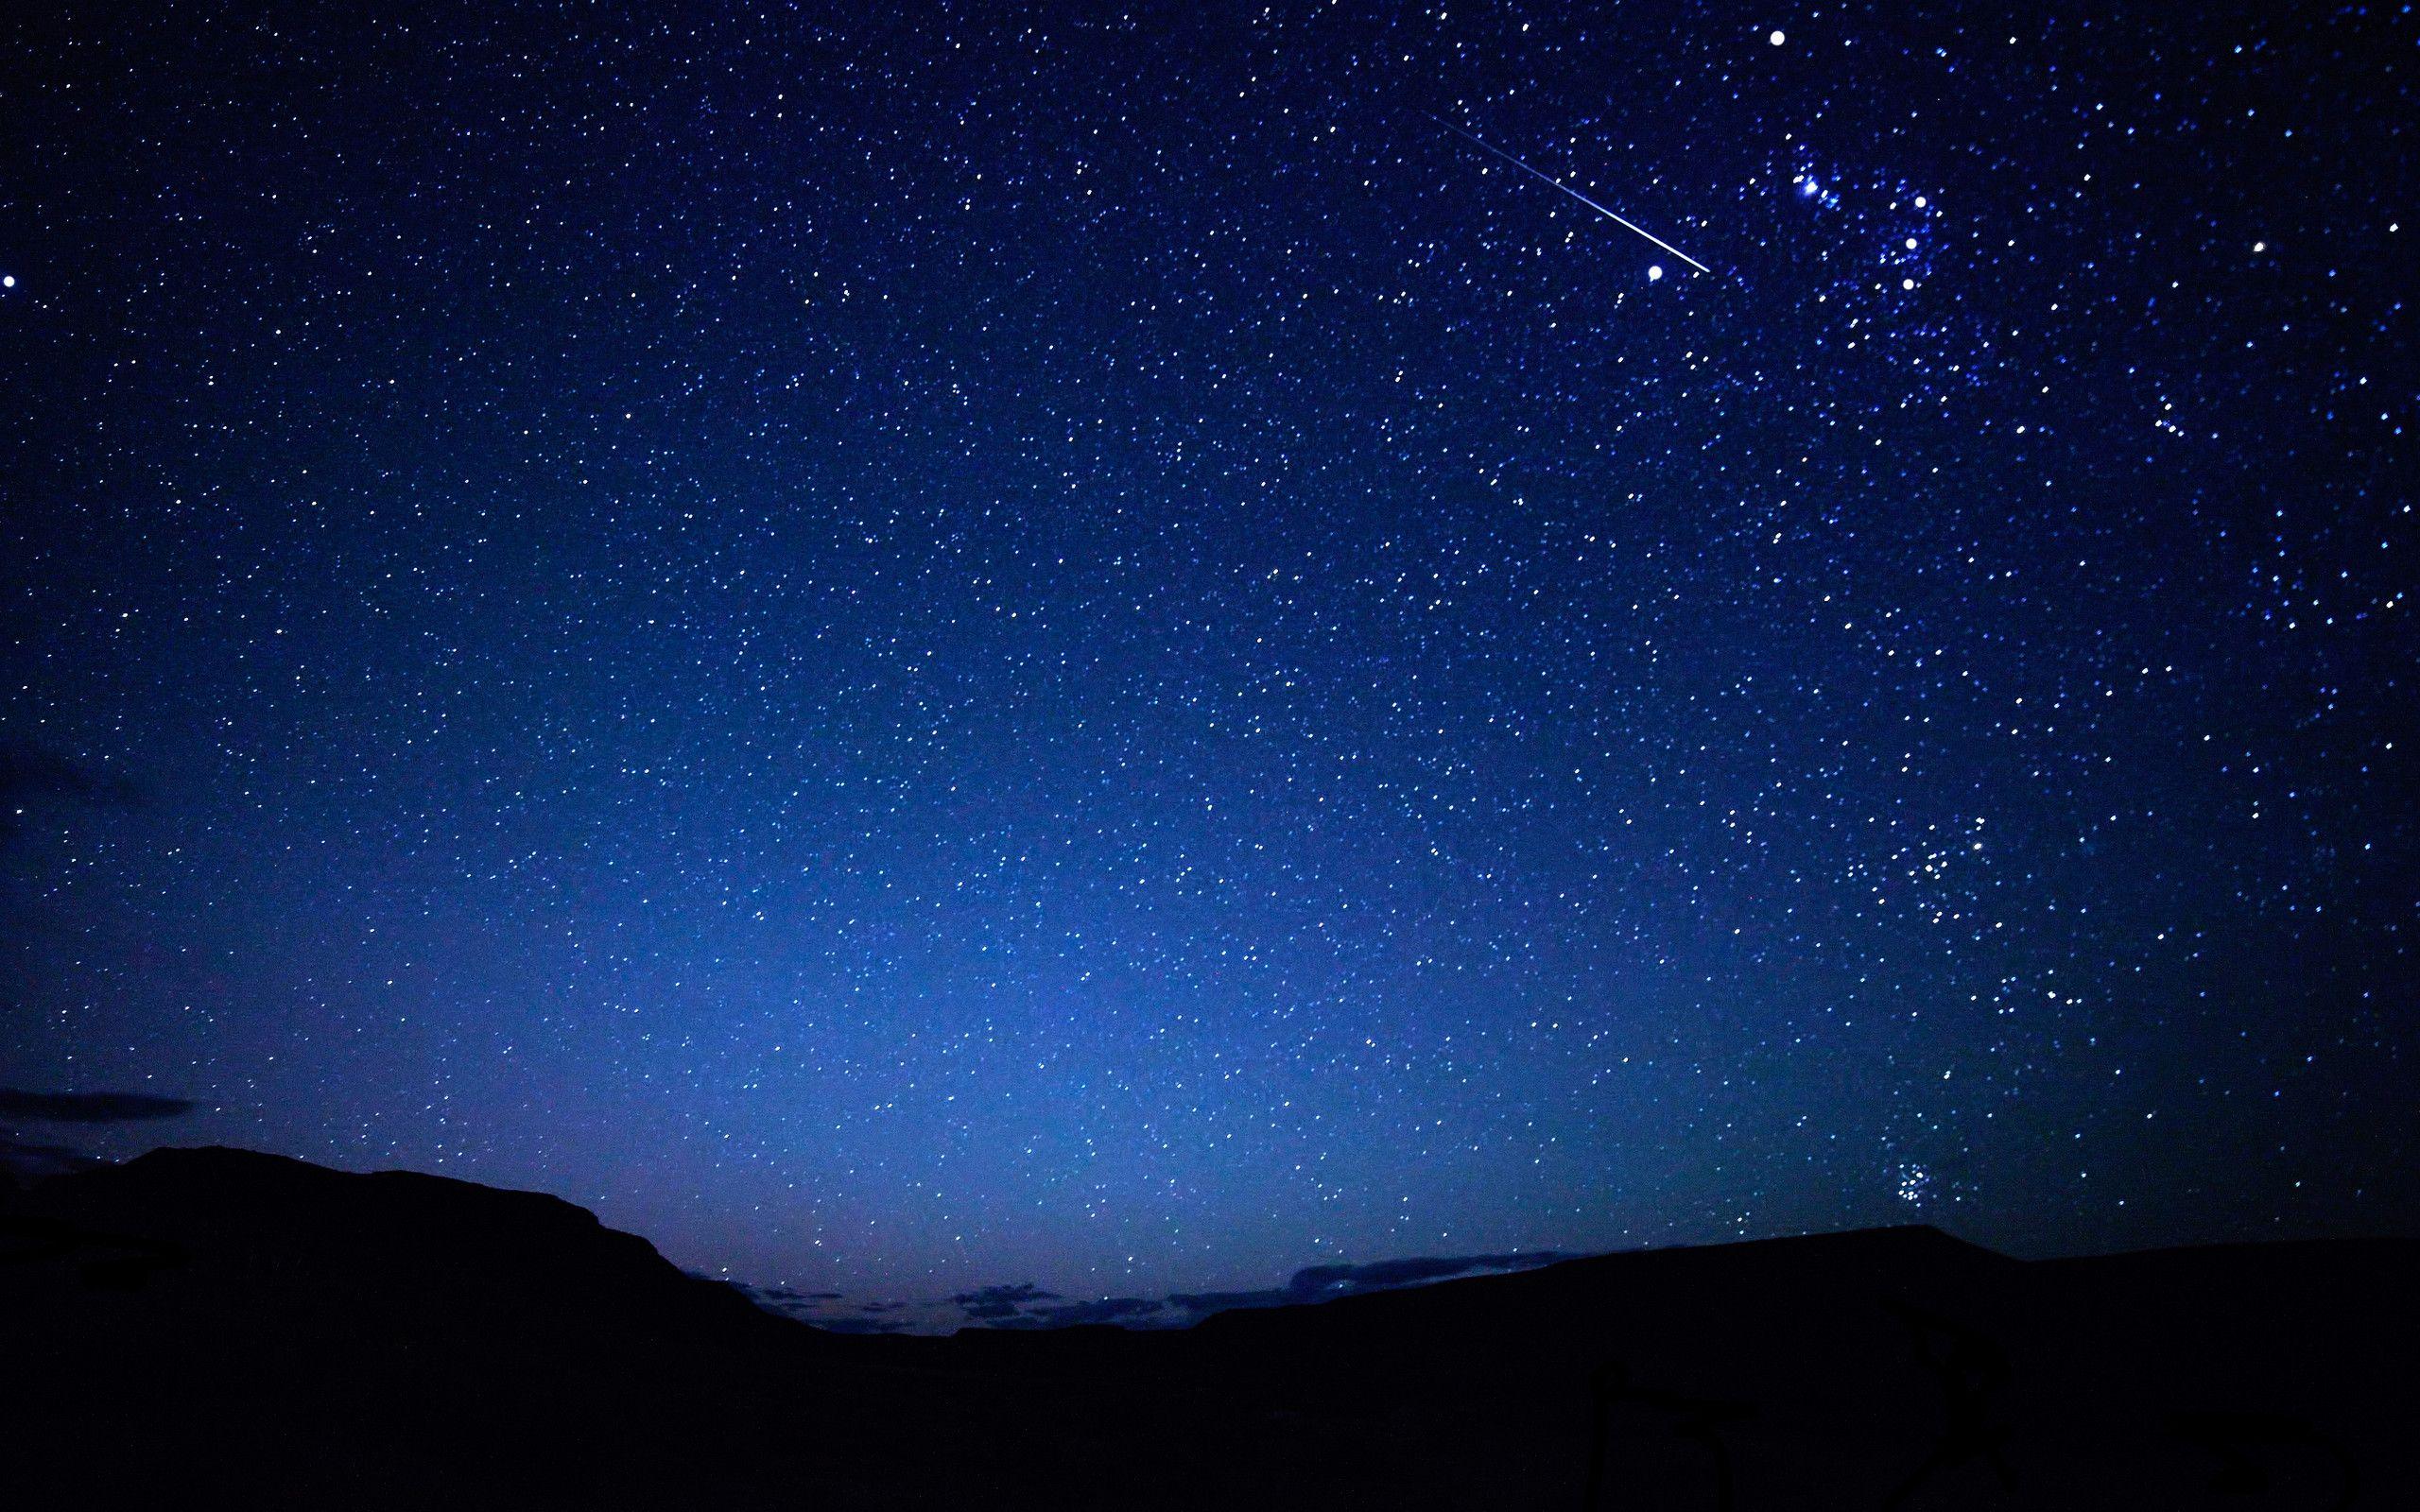 2560x1600 Wallpaper Stars Nightnight Sky Hd Wallpapers Nature Night Sky Wallpapers For Rufb6m96 Night Sky Wallpaper Night Sky Hd Starry Night Wallpaper